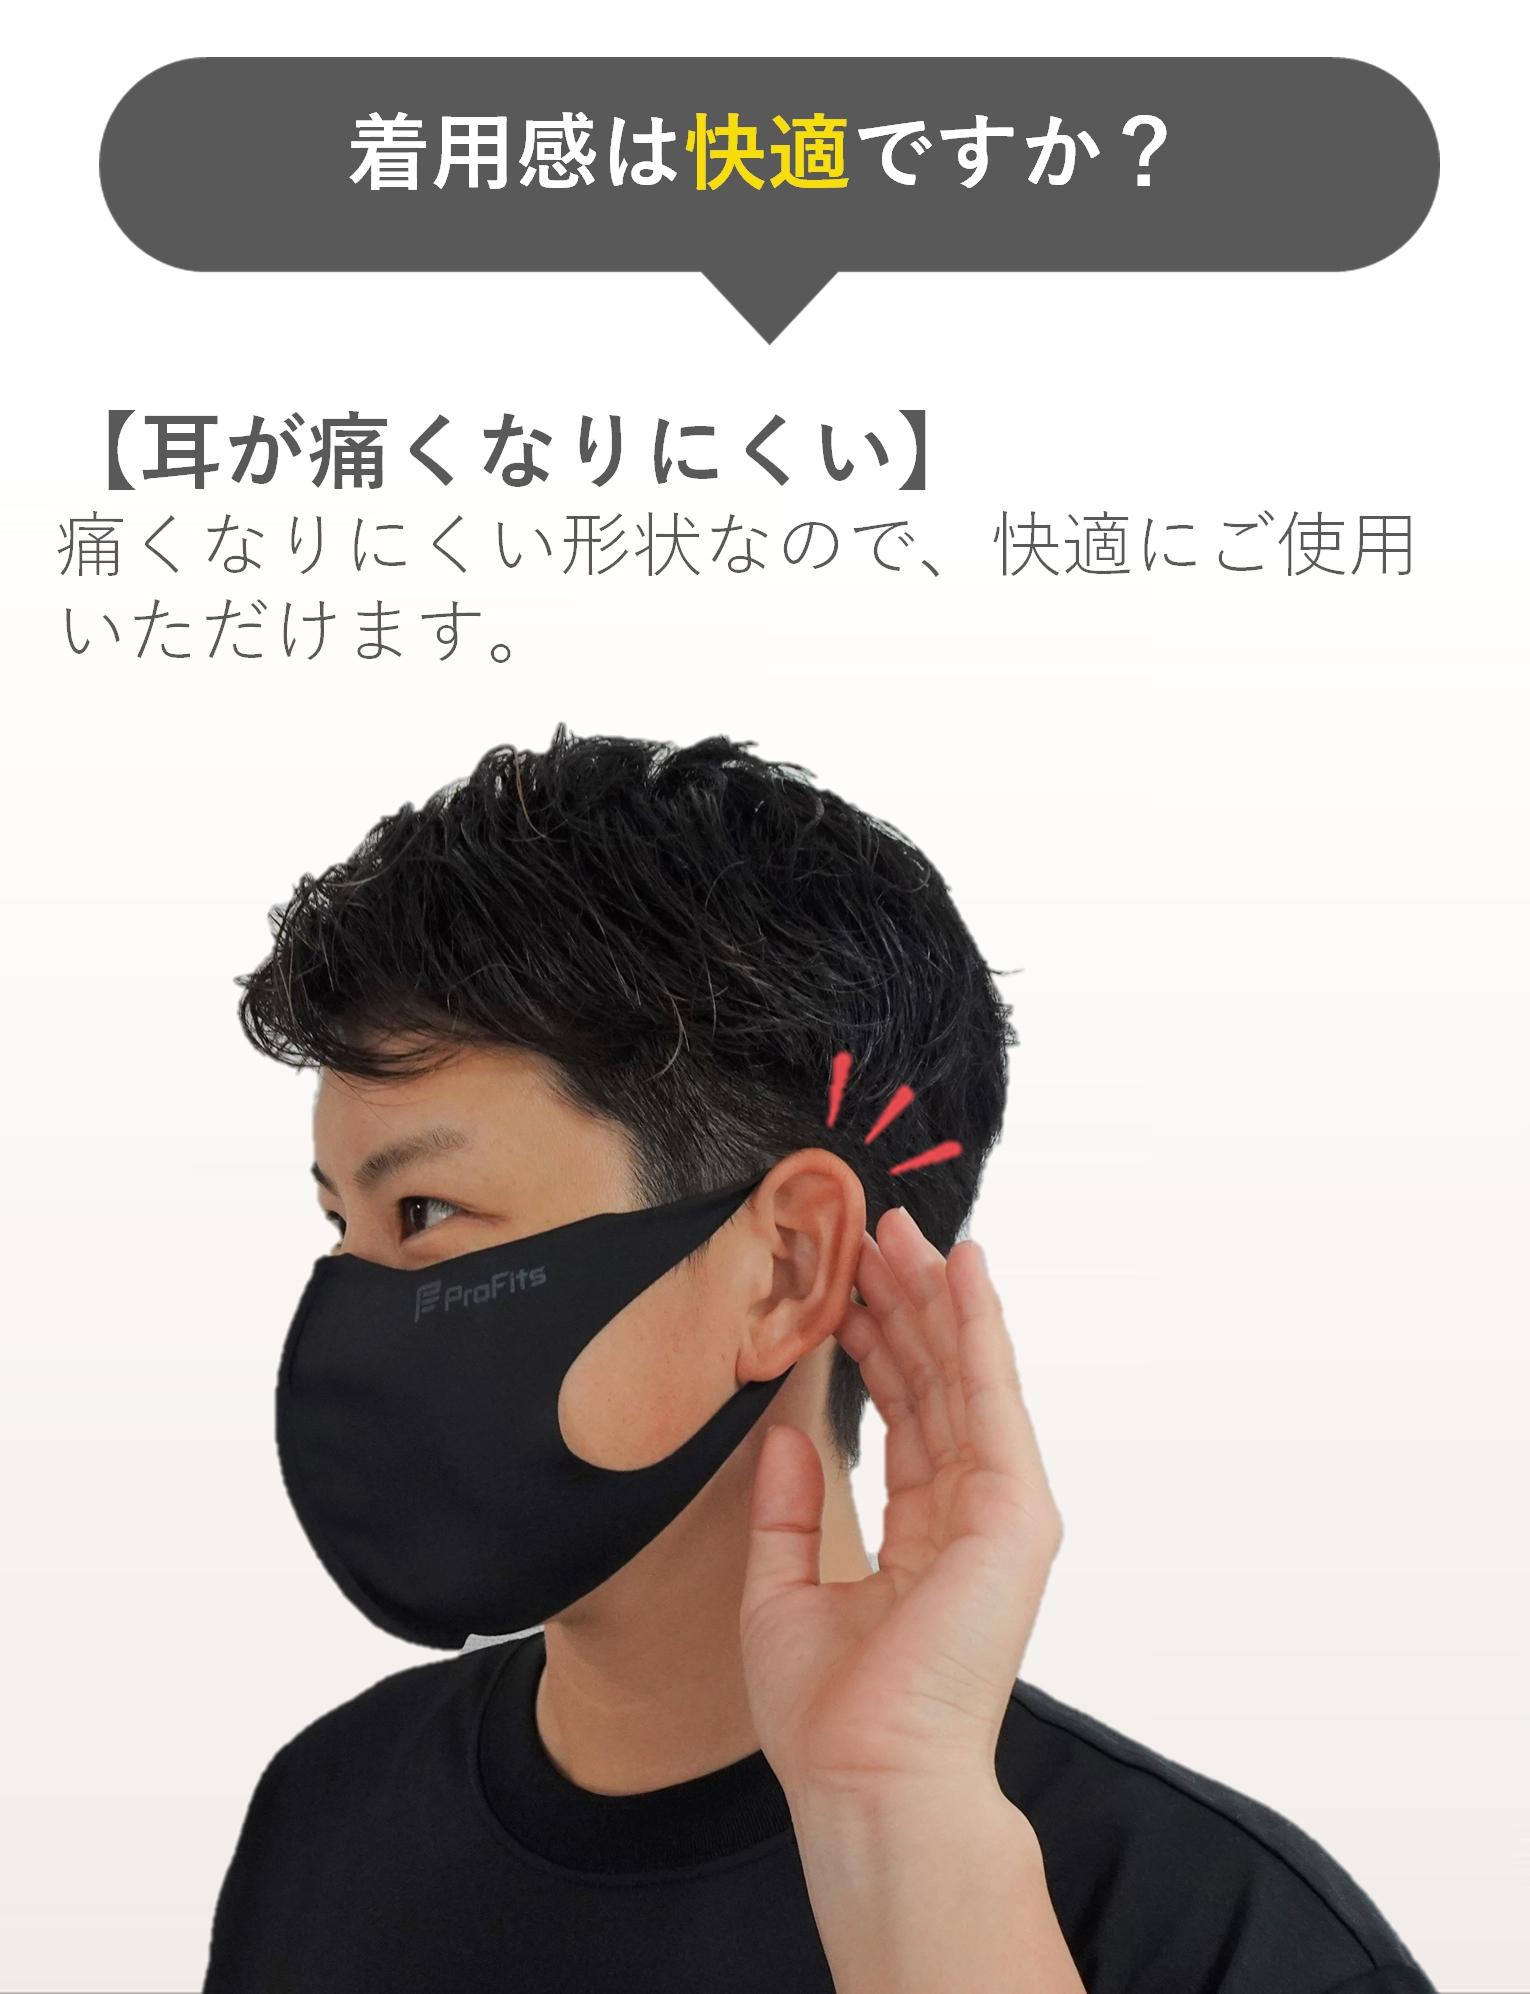 着用感は快適ですか?【耳が痛くなりにくい】 痛くなりにくい形状なので、快適にご使用いただけます。